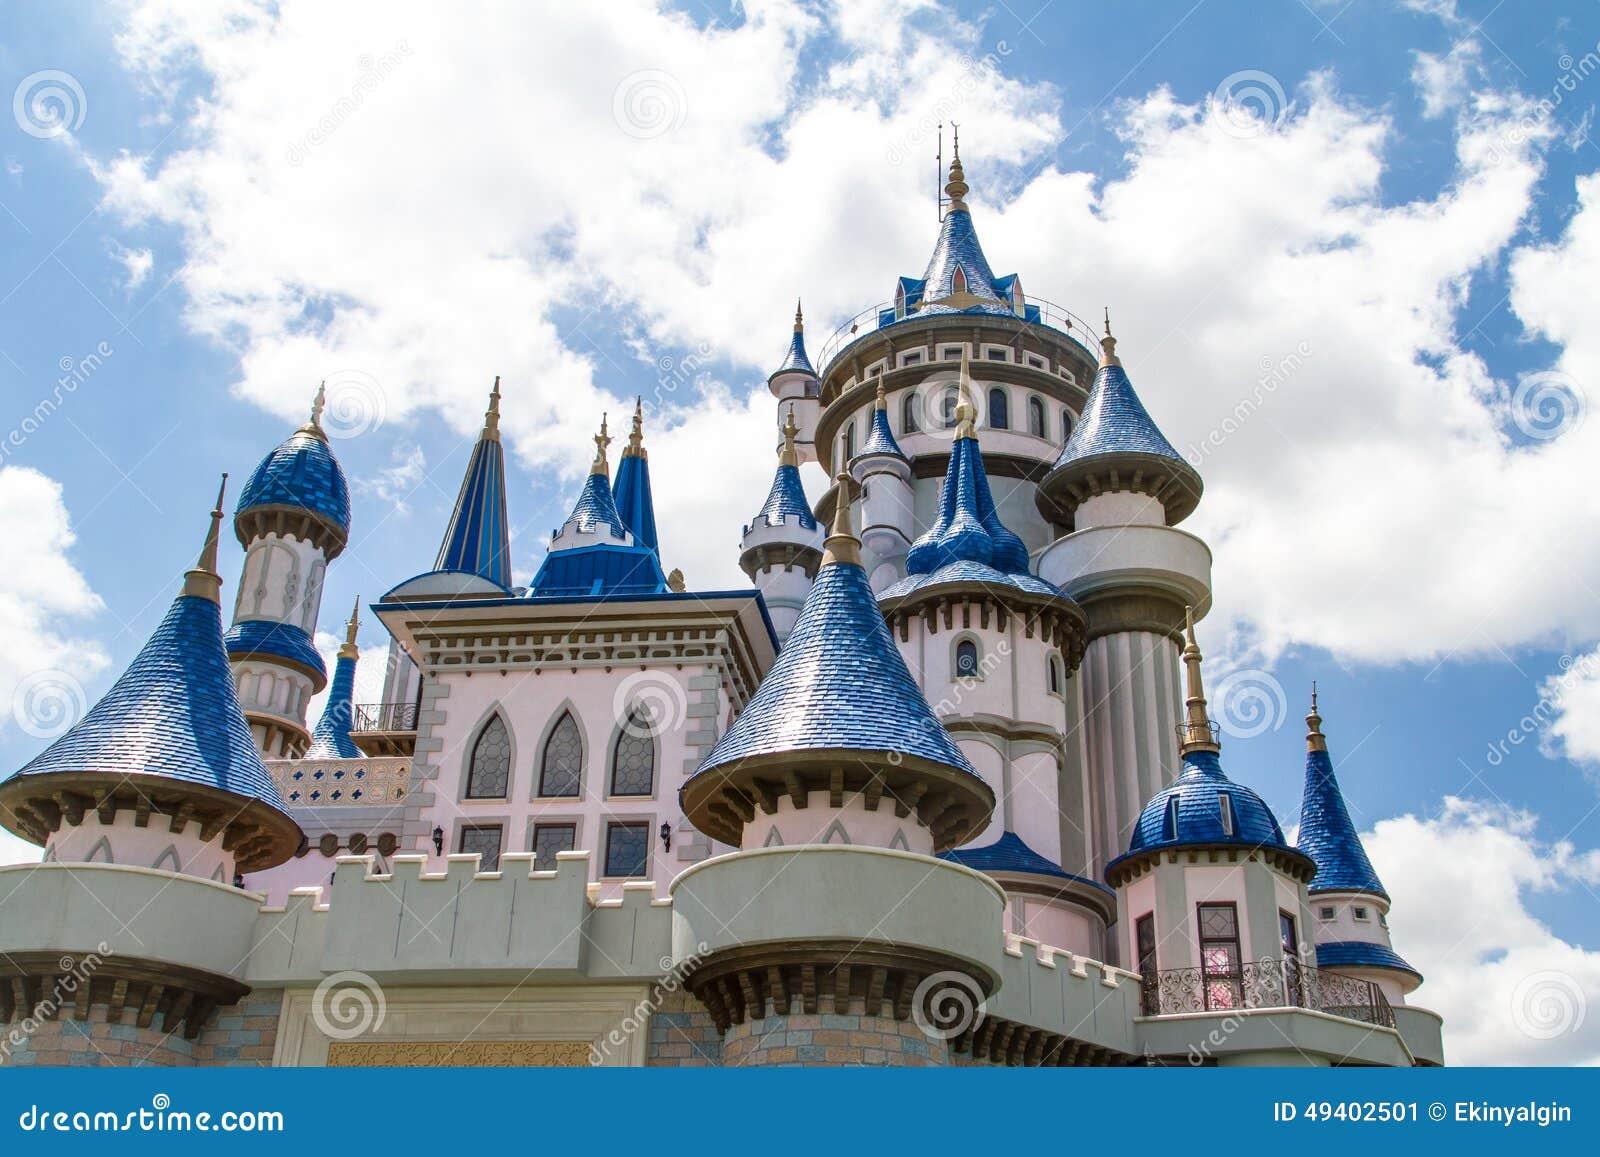 Download Märchen-Schloss im Park stockbild. Bild von eigenschaft - 49402501